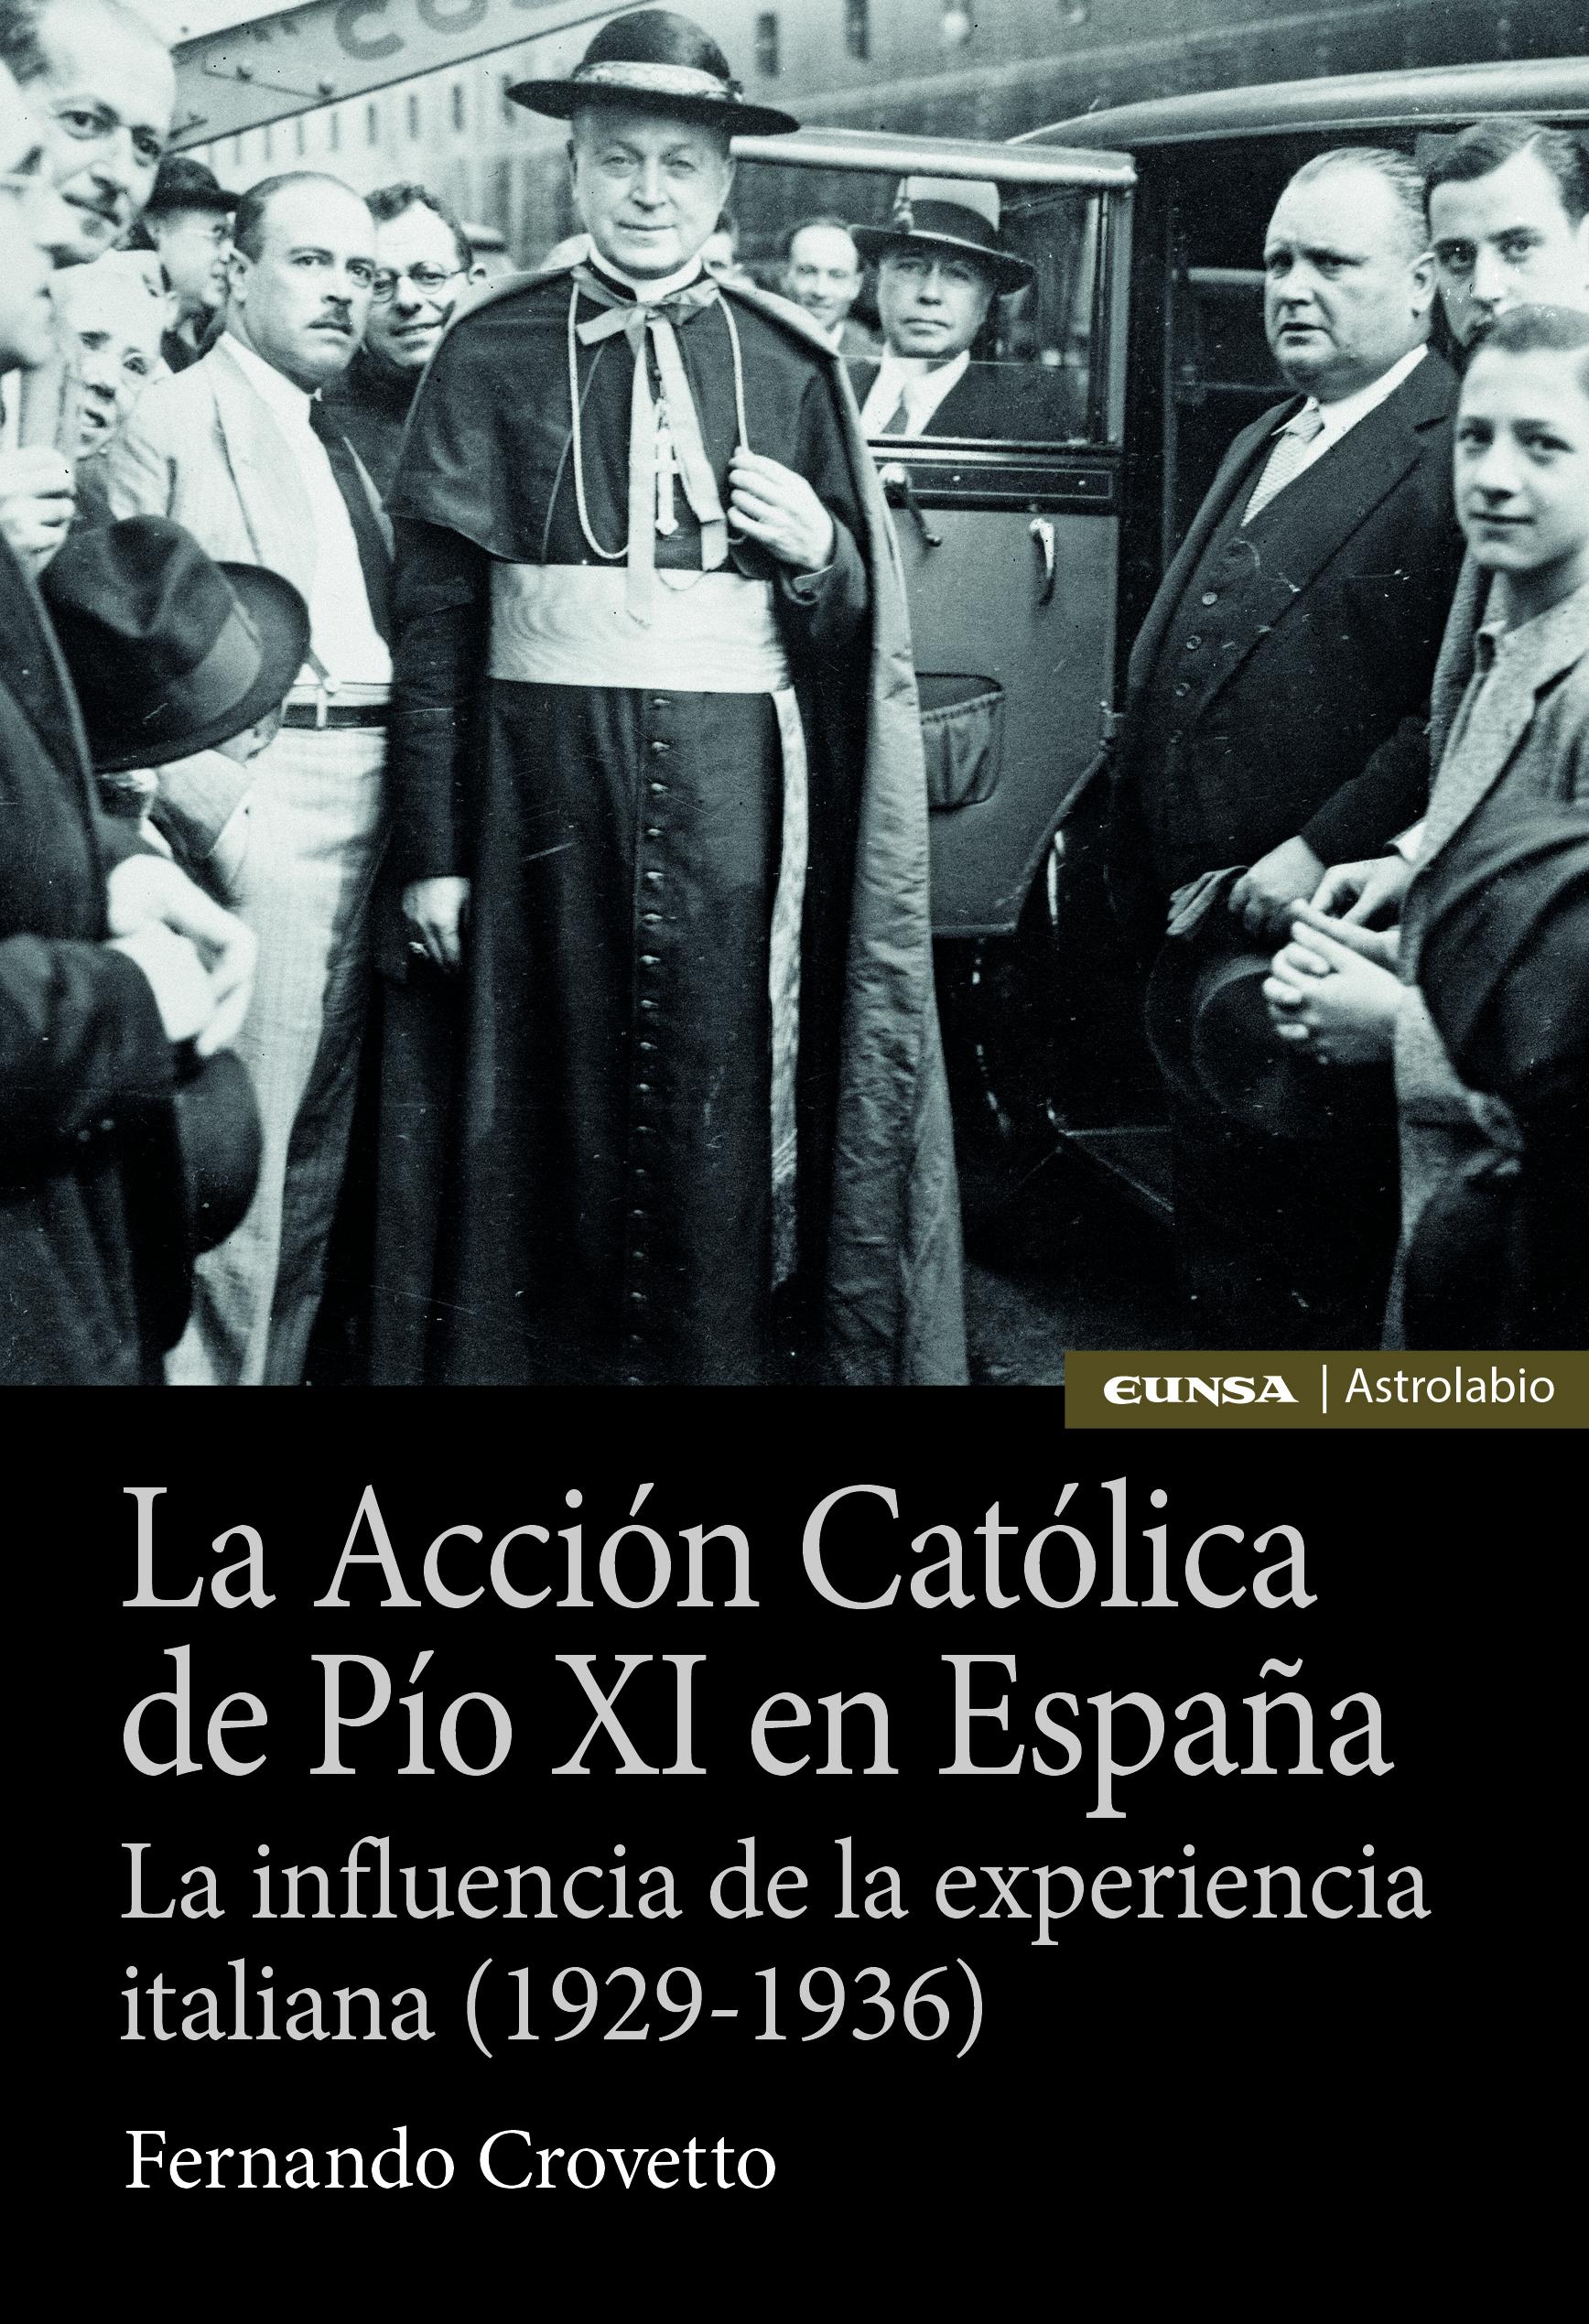 ACCION CATOLICA DE PIO XI EN ESPAÑA, LA